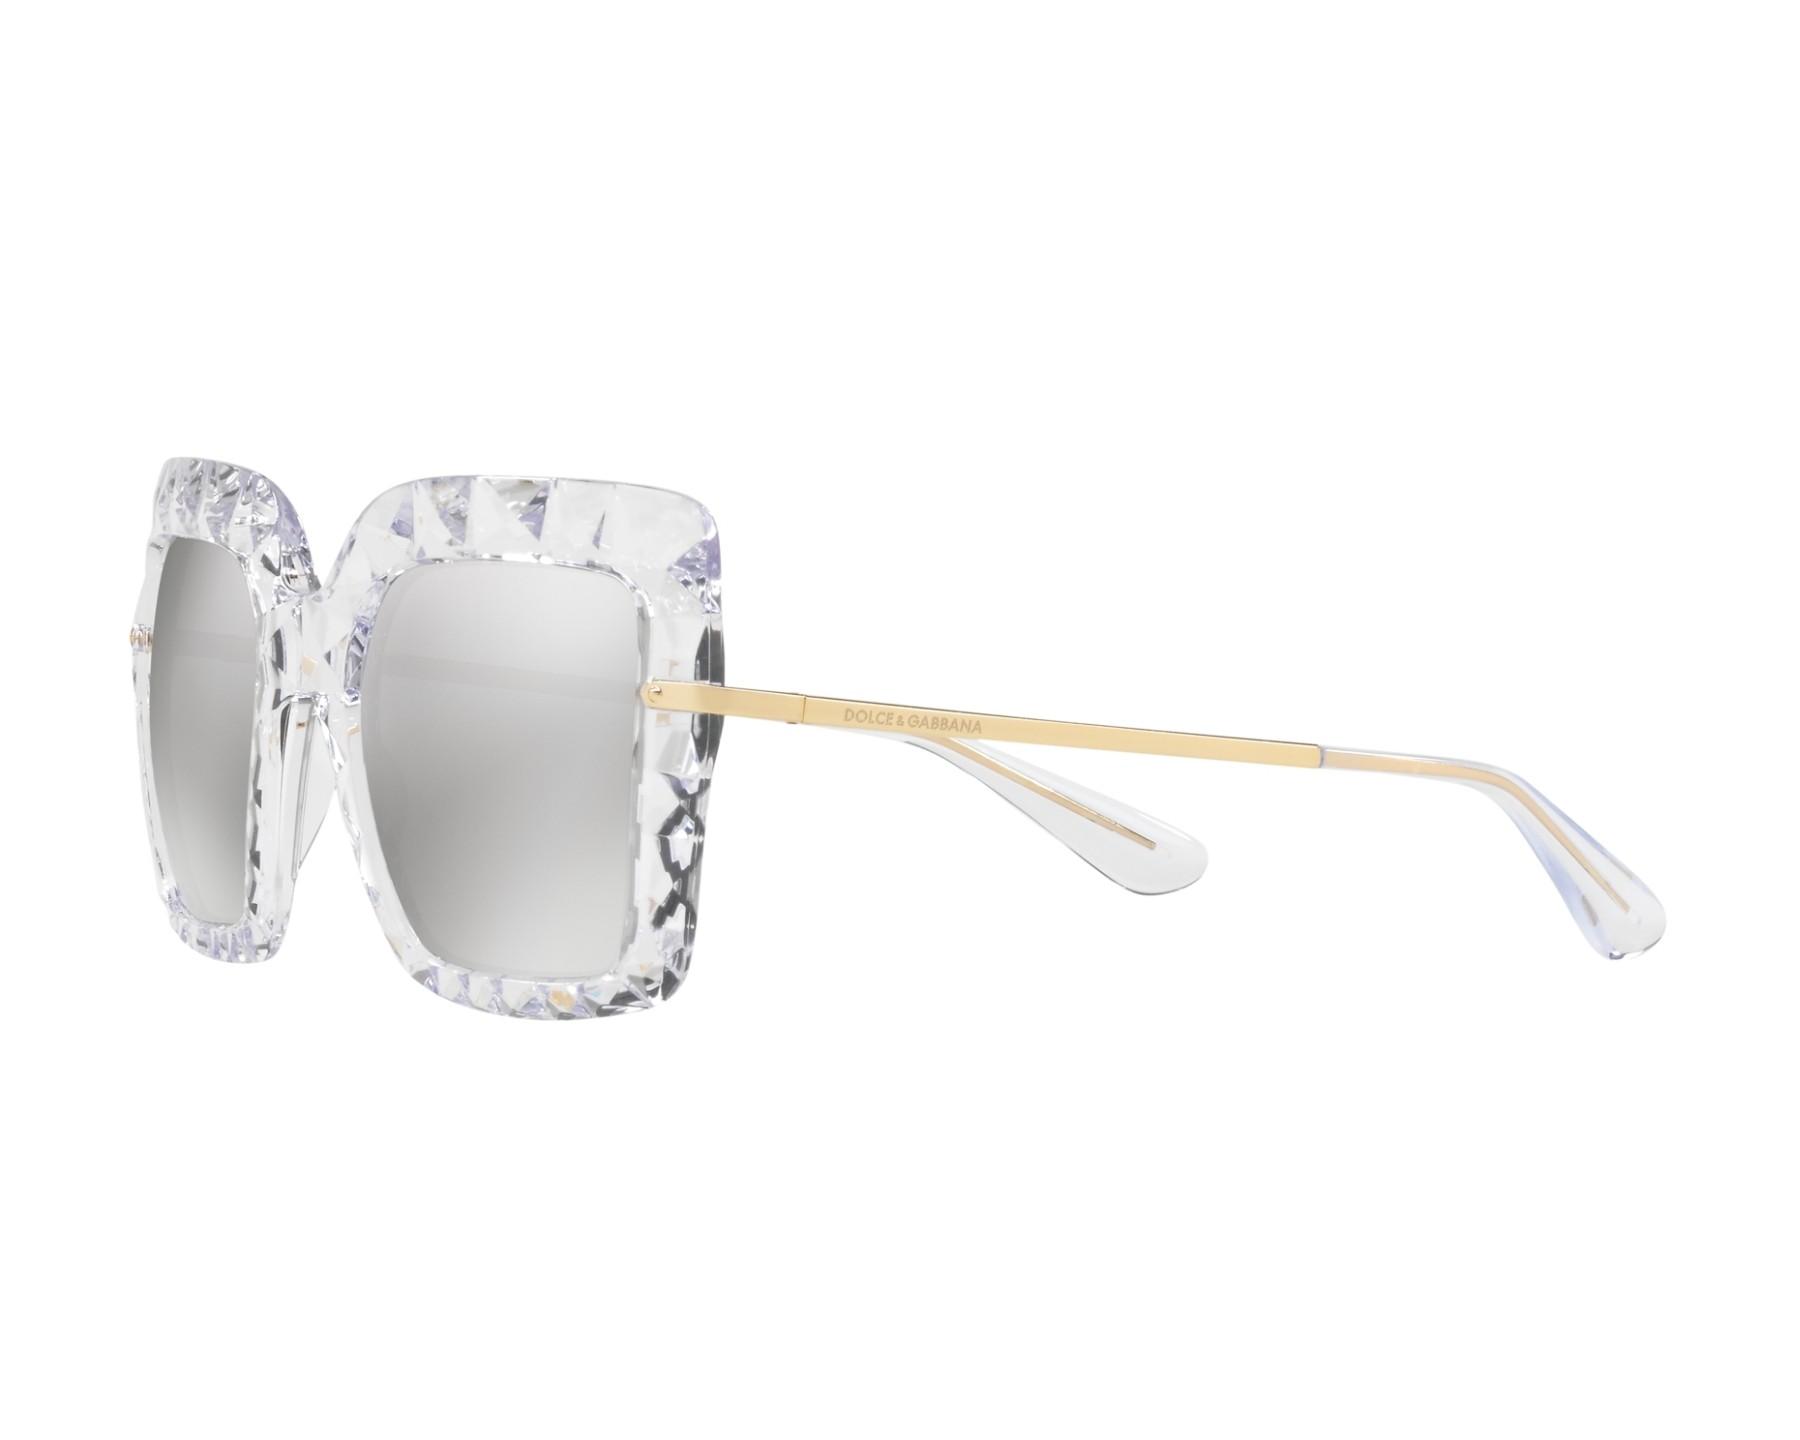 Dolce&Gabbana DG 6111 31336G l2p805wS